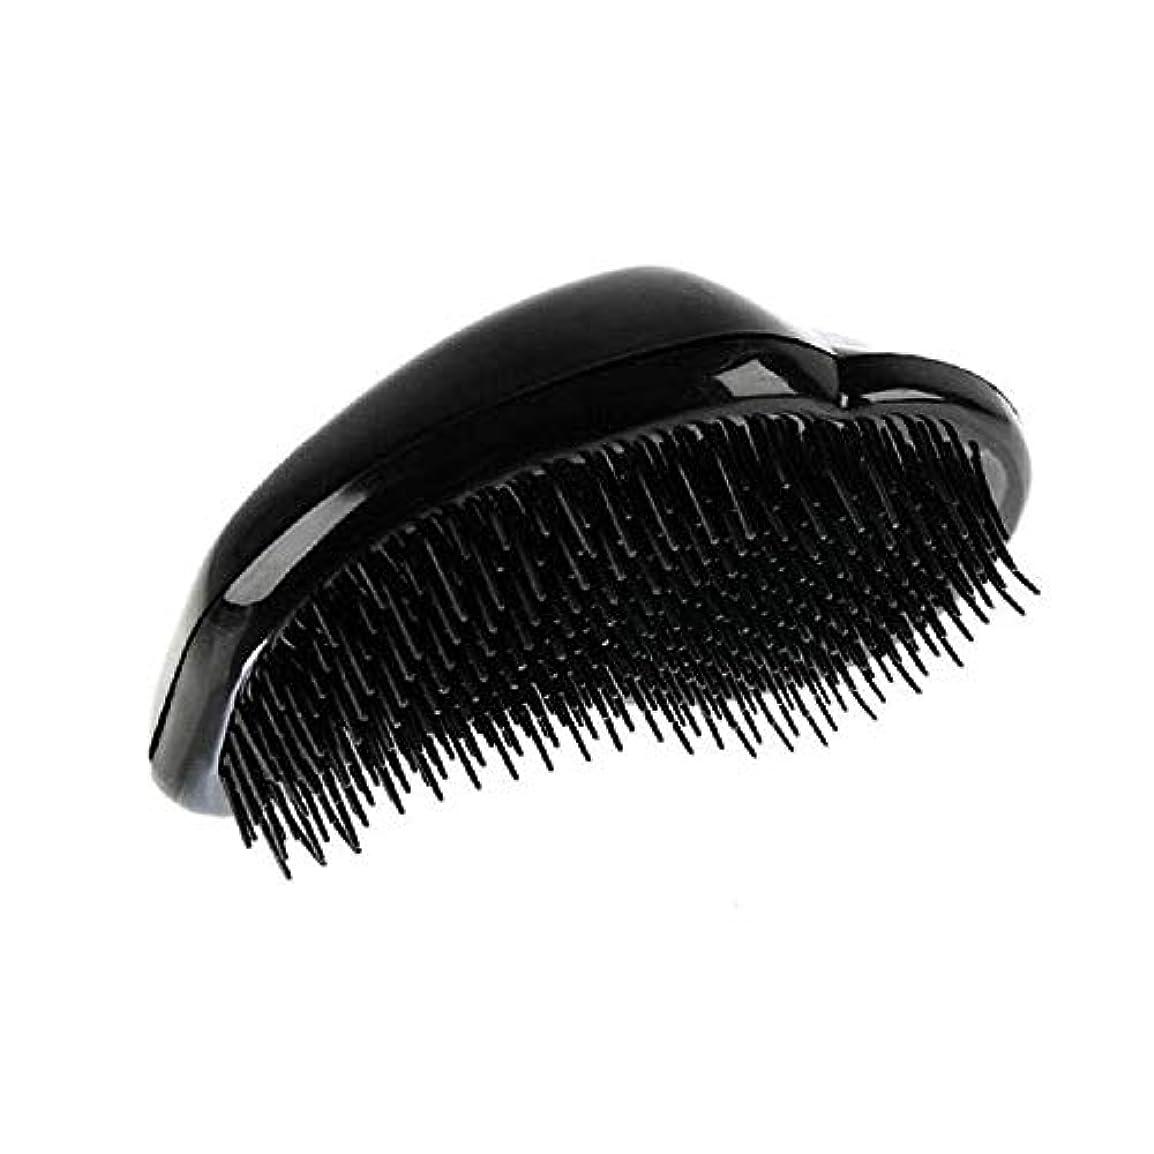 クール犠牲開示する1st market 黒のプラスチック製の髪の櫛理髪の櫛の女性のエアバッグの櫛のマッサージの櫛のヘアブラシ帯電防止デタングルの櫛パーフェクト軽量ポケットサイズ1ピース耐久性と便利